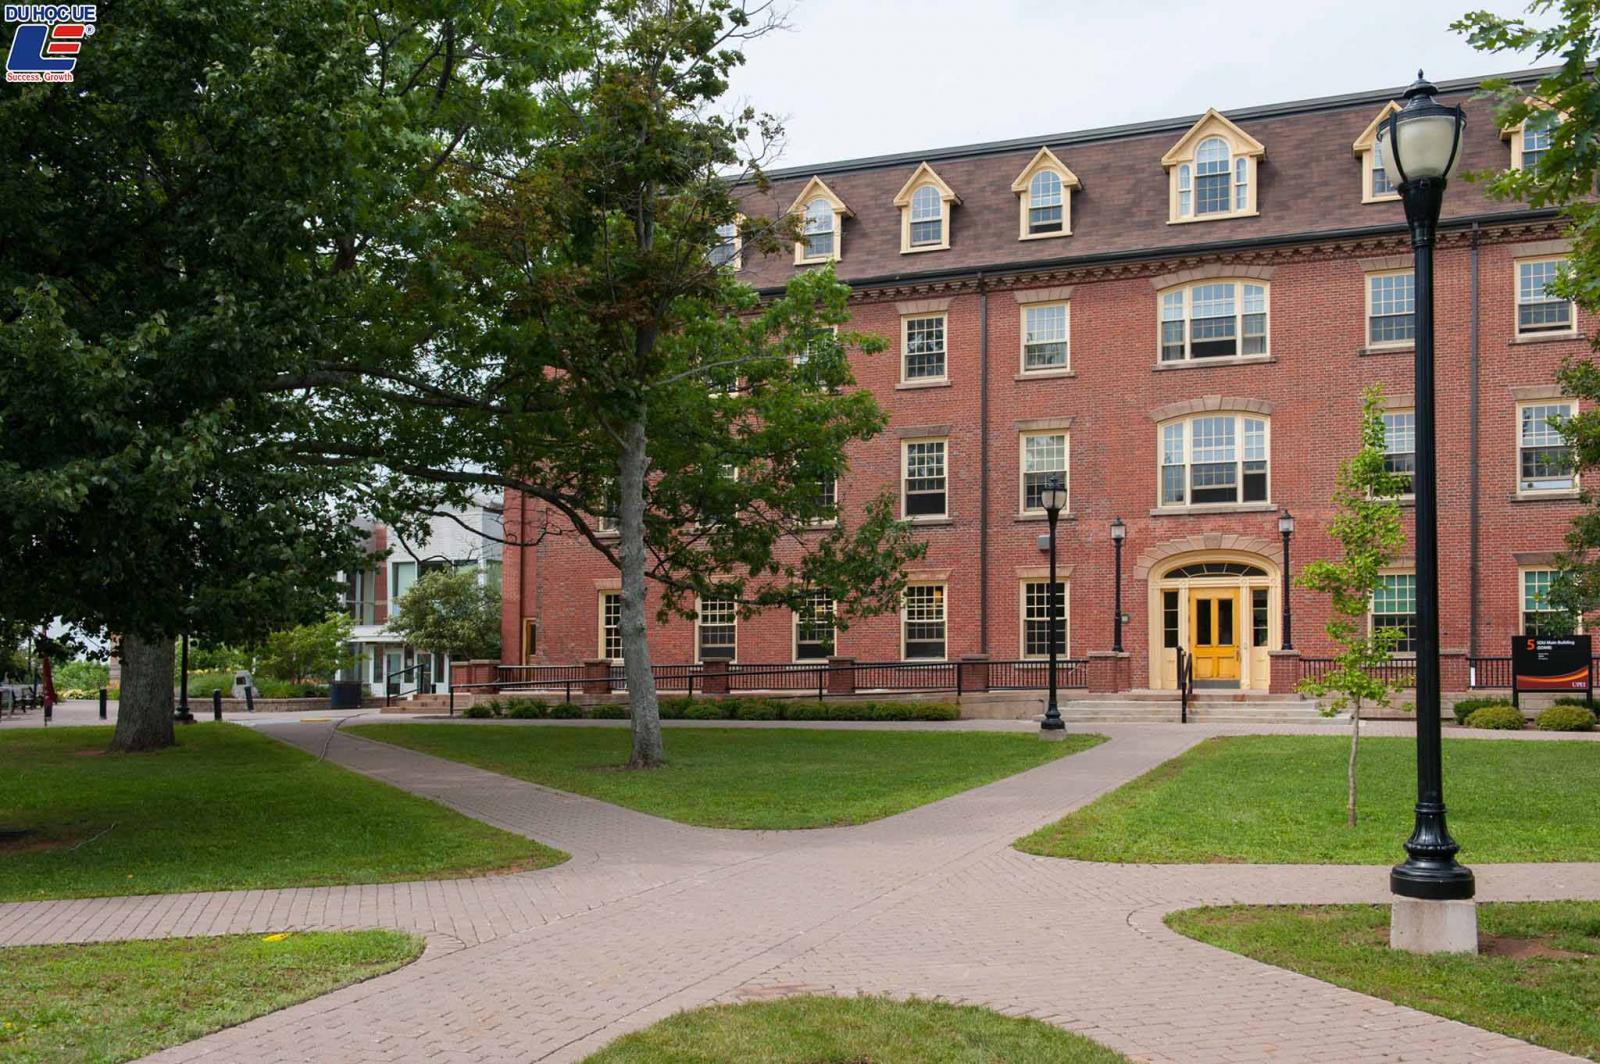 University of Prince Edward Island - Đại học lí tưởng tại vùng đảo Edward Island, Canada 2